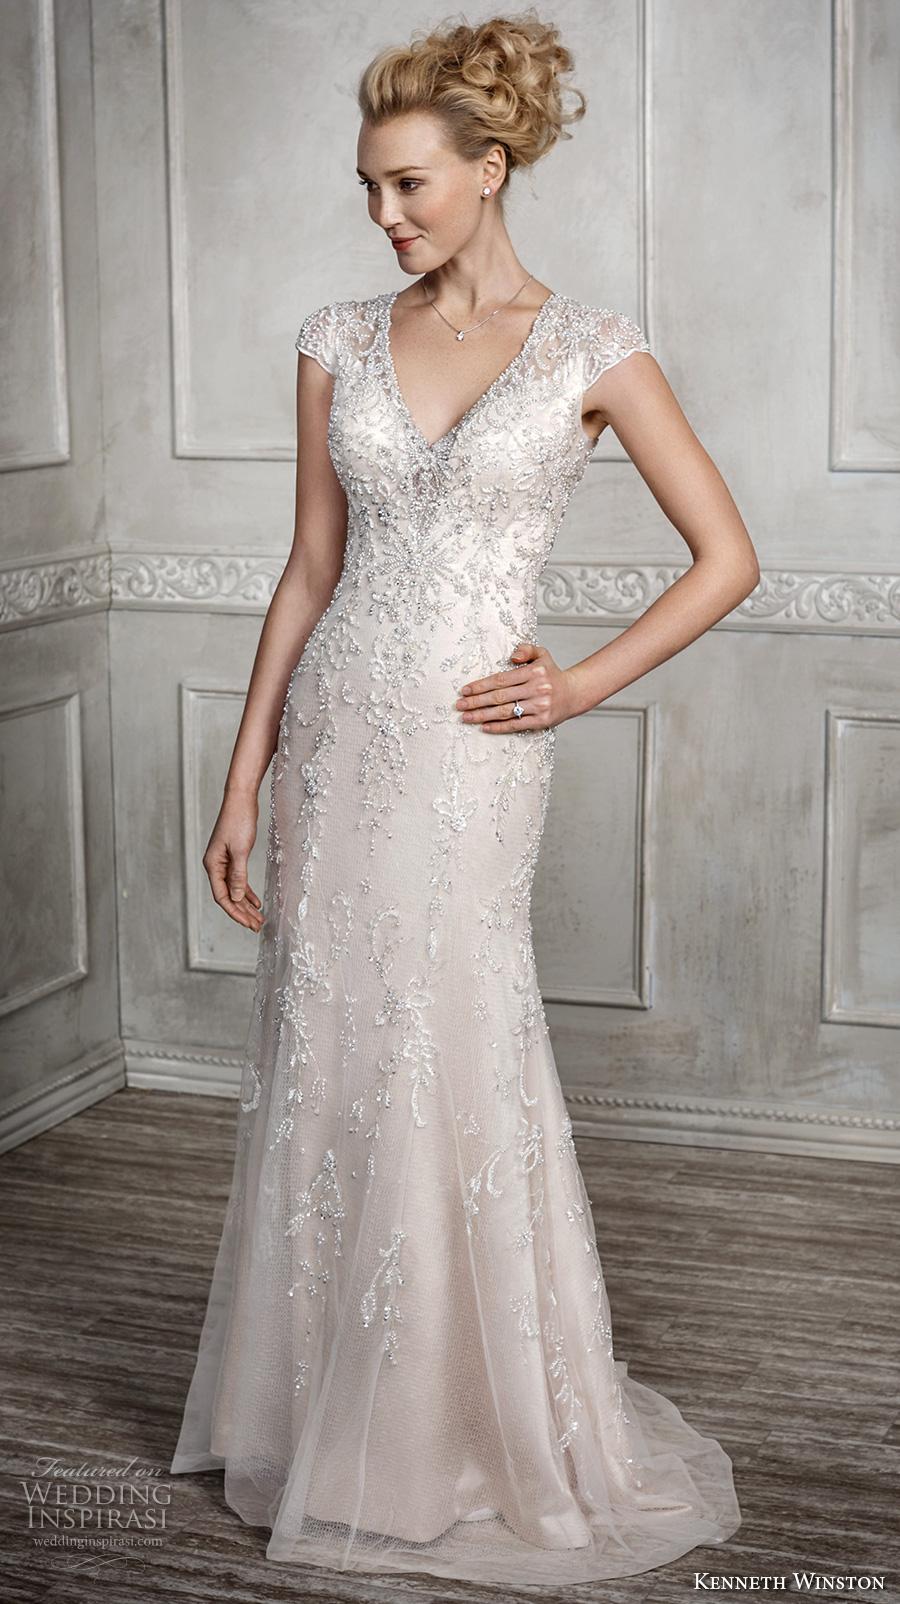 Kenneth winston fall 2016 wedding dresses wedding inspirasi for Kenneth winston wedding dress